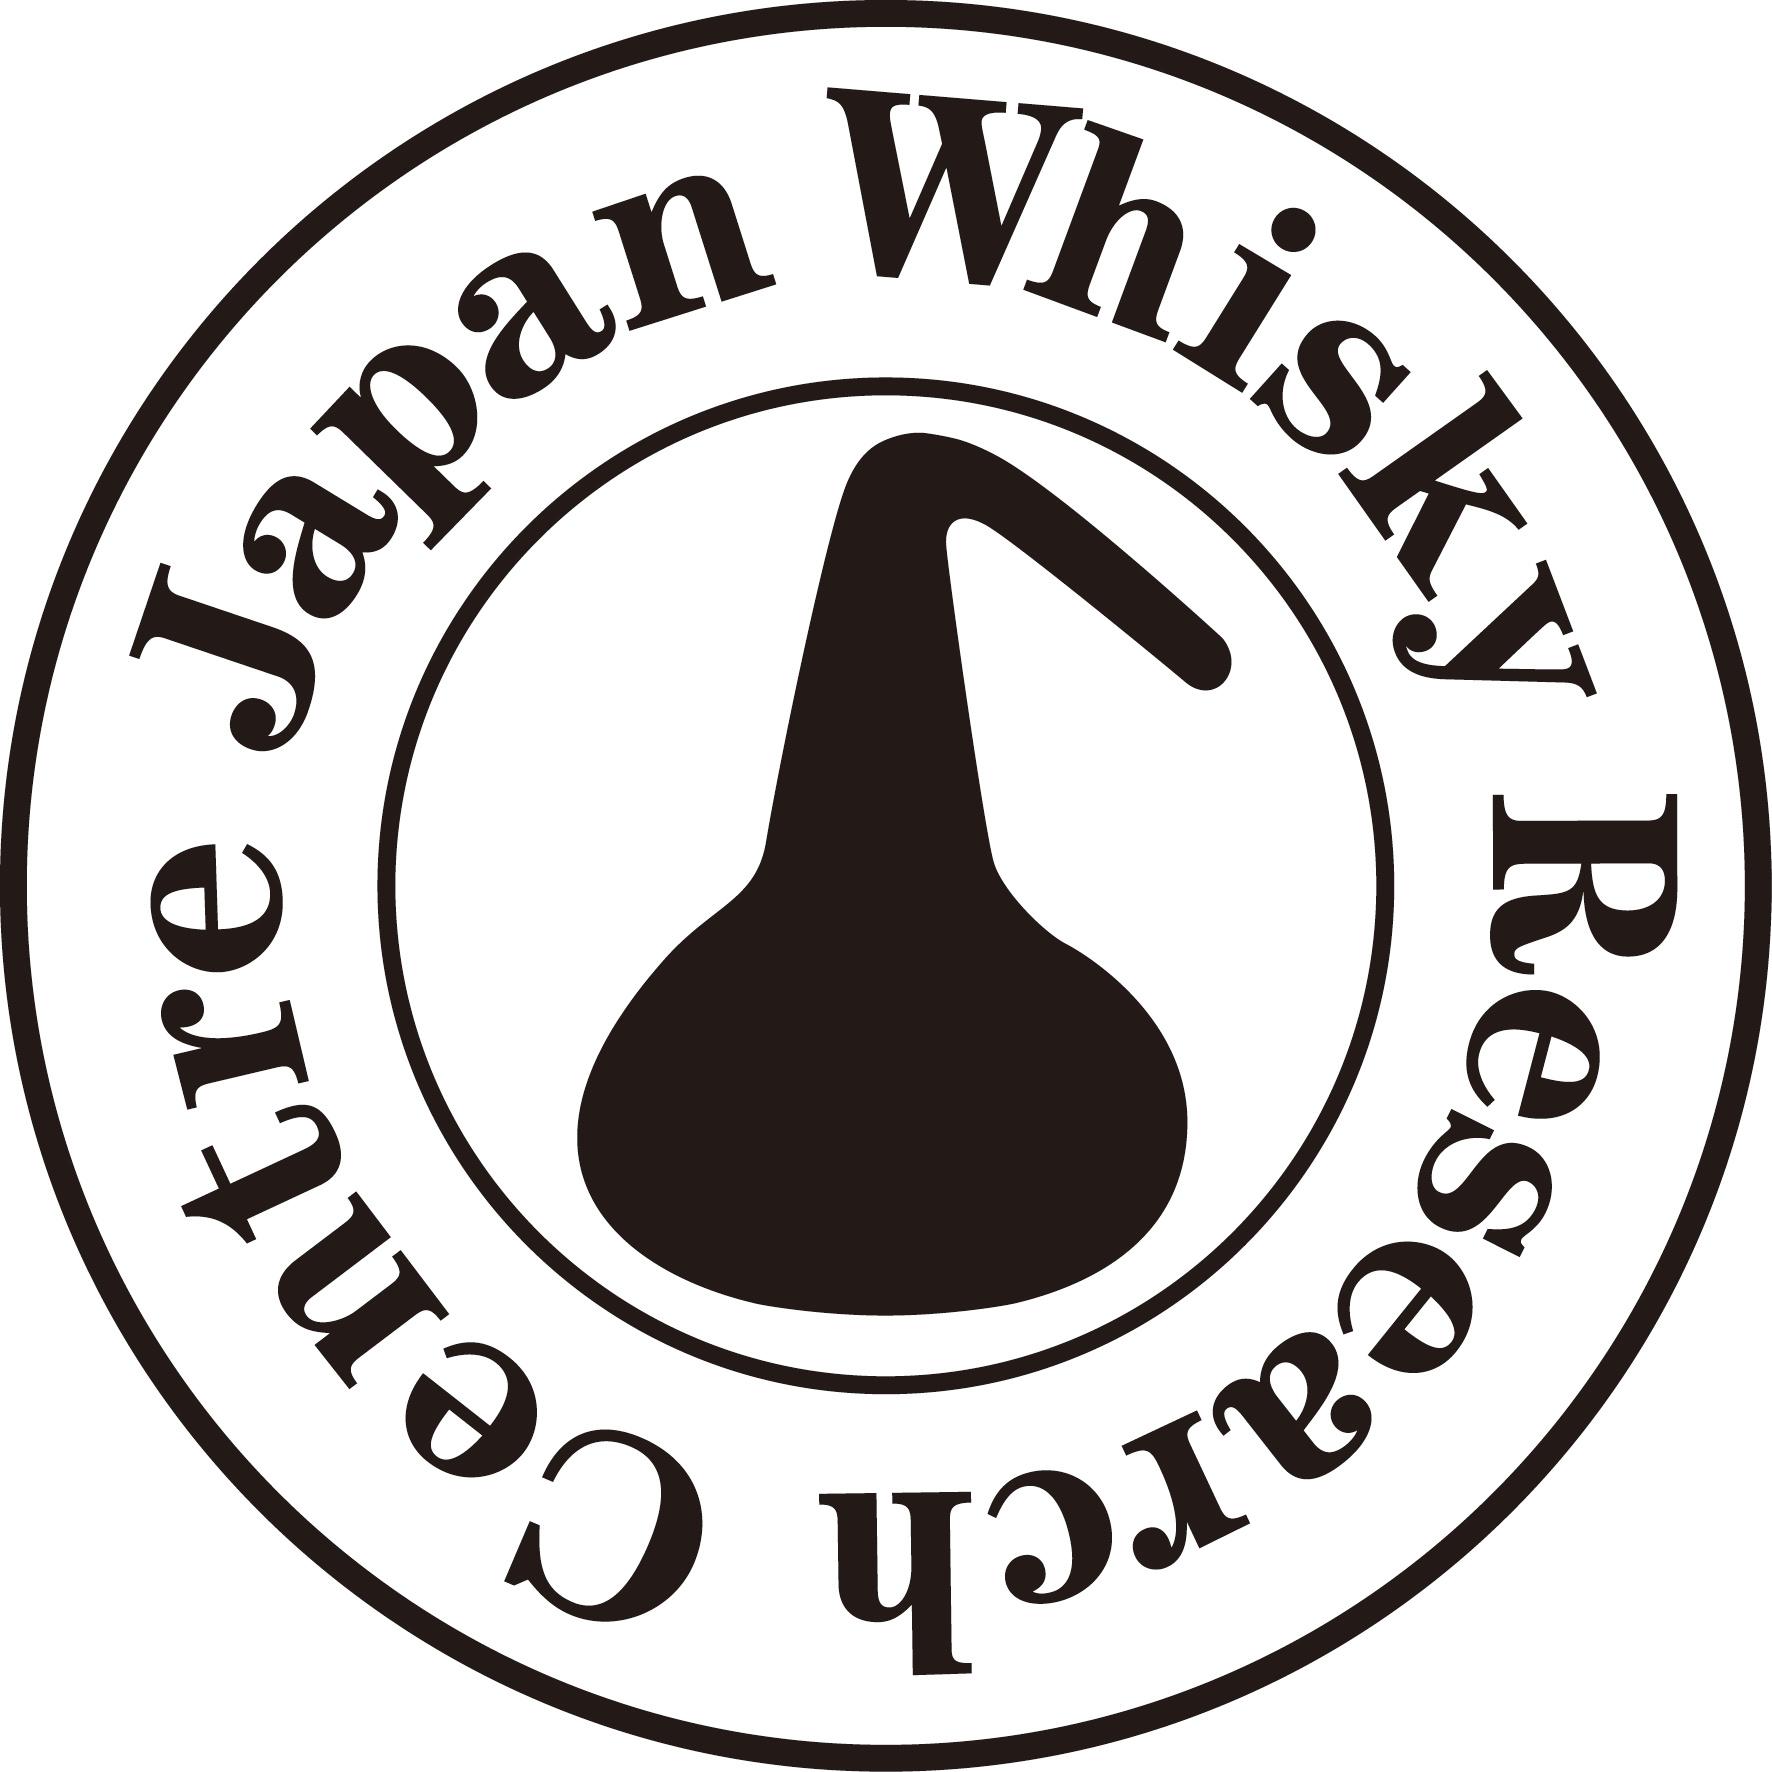 ウイスキー文化研究所